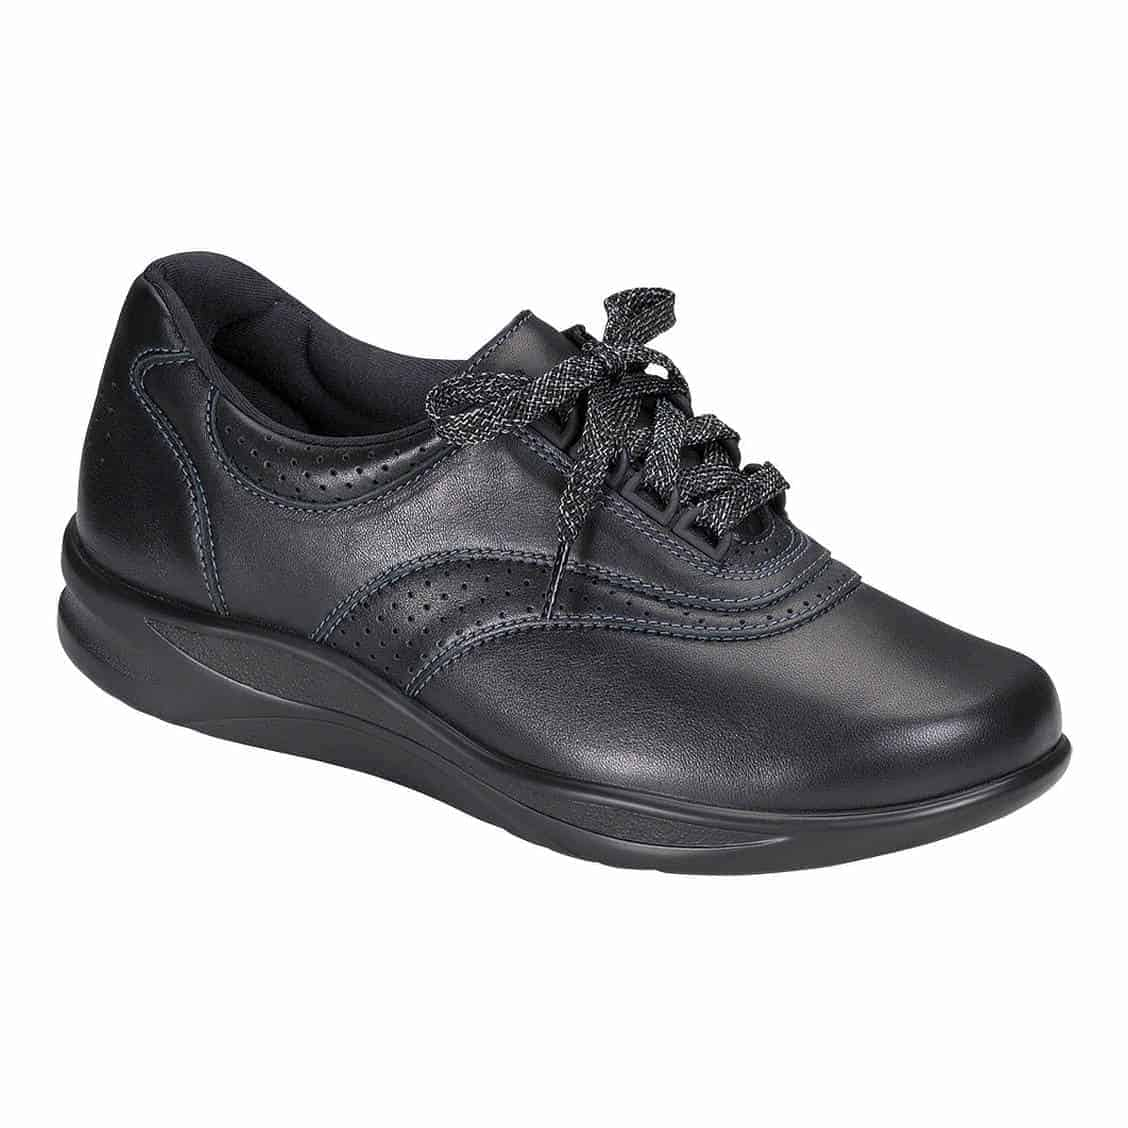 sas-womens-walk-easy-black-2380-013-1